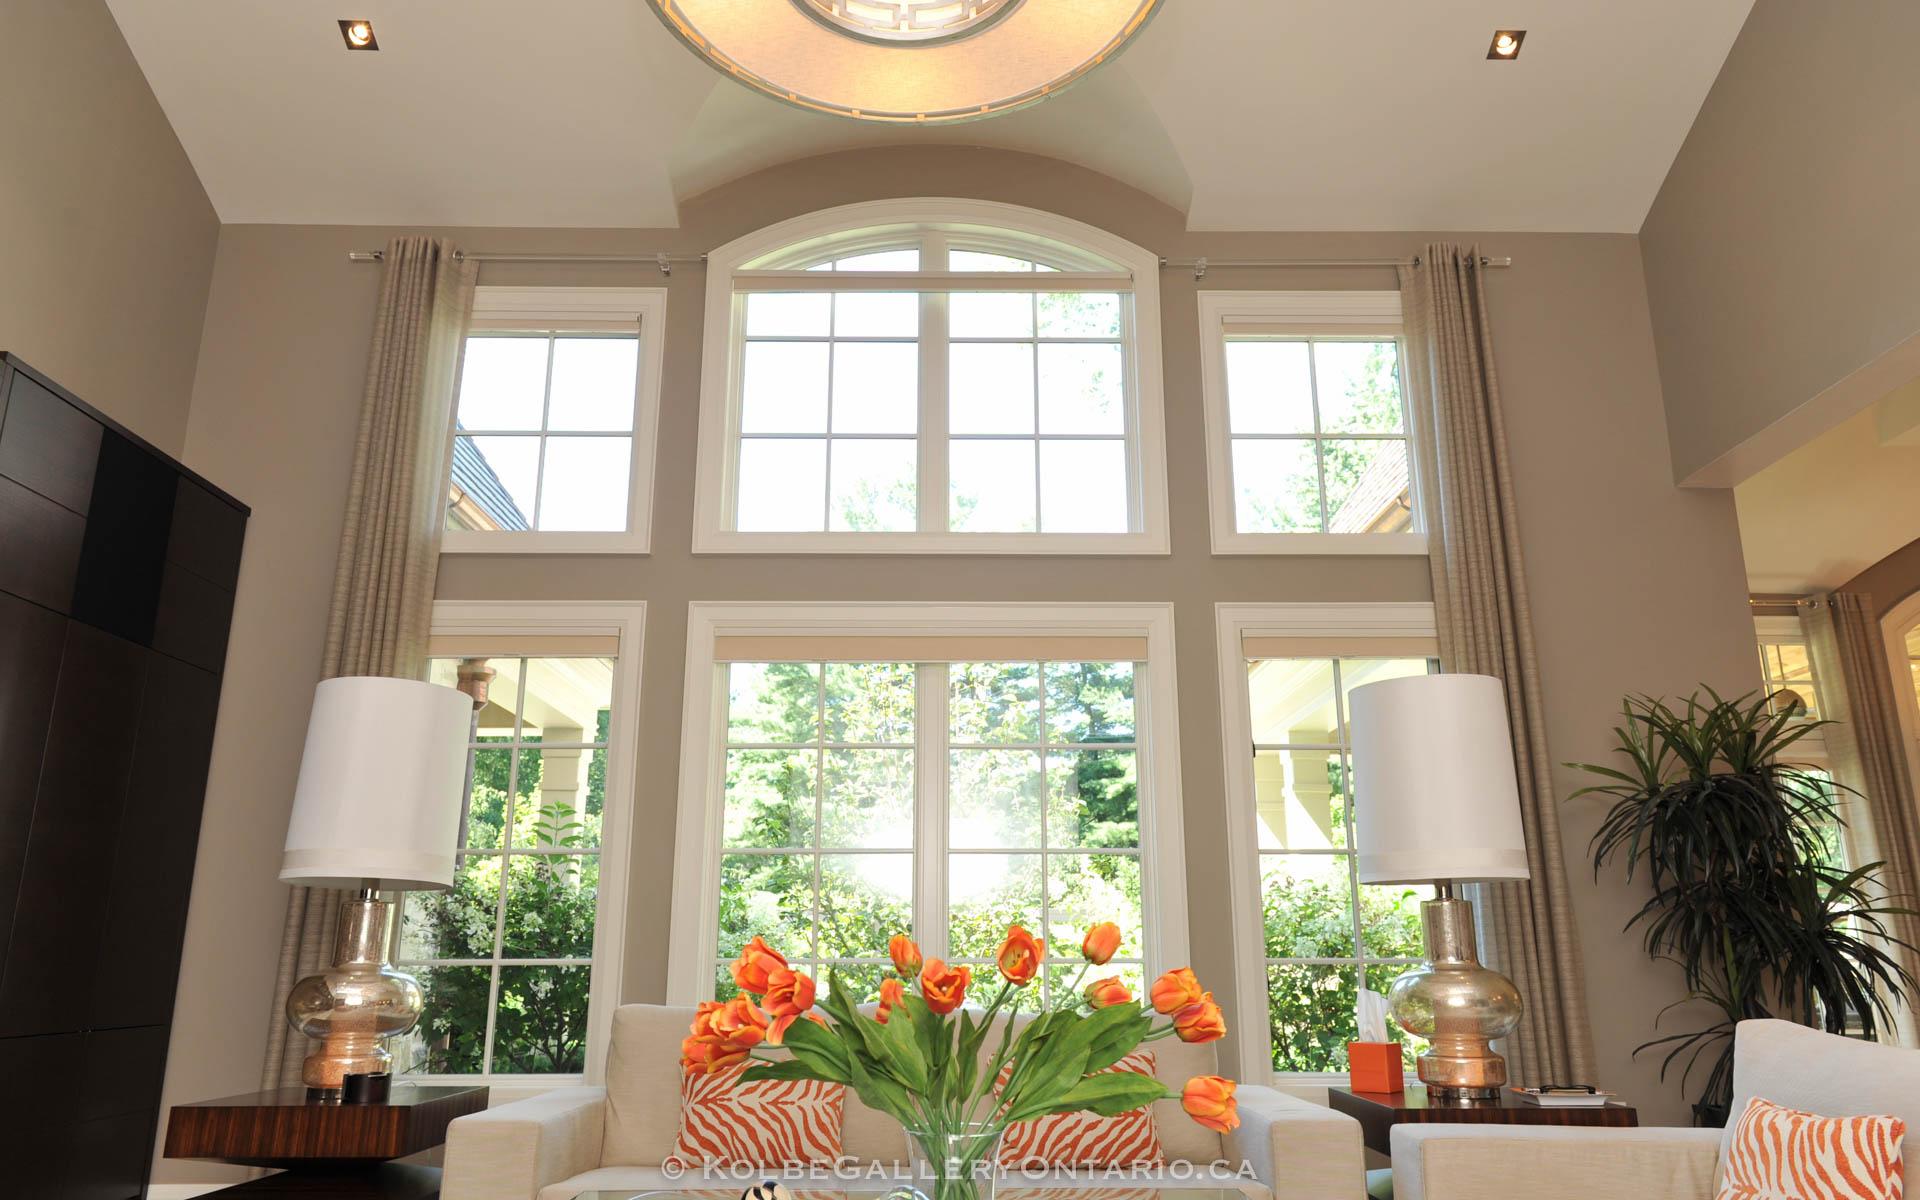 KolbeGalleryOntario.ca-windows-and-doors-backgrounds-20120727-072812